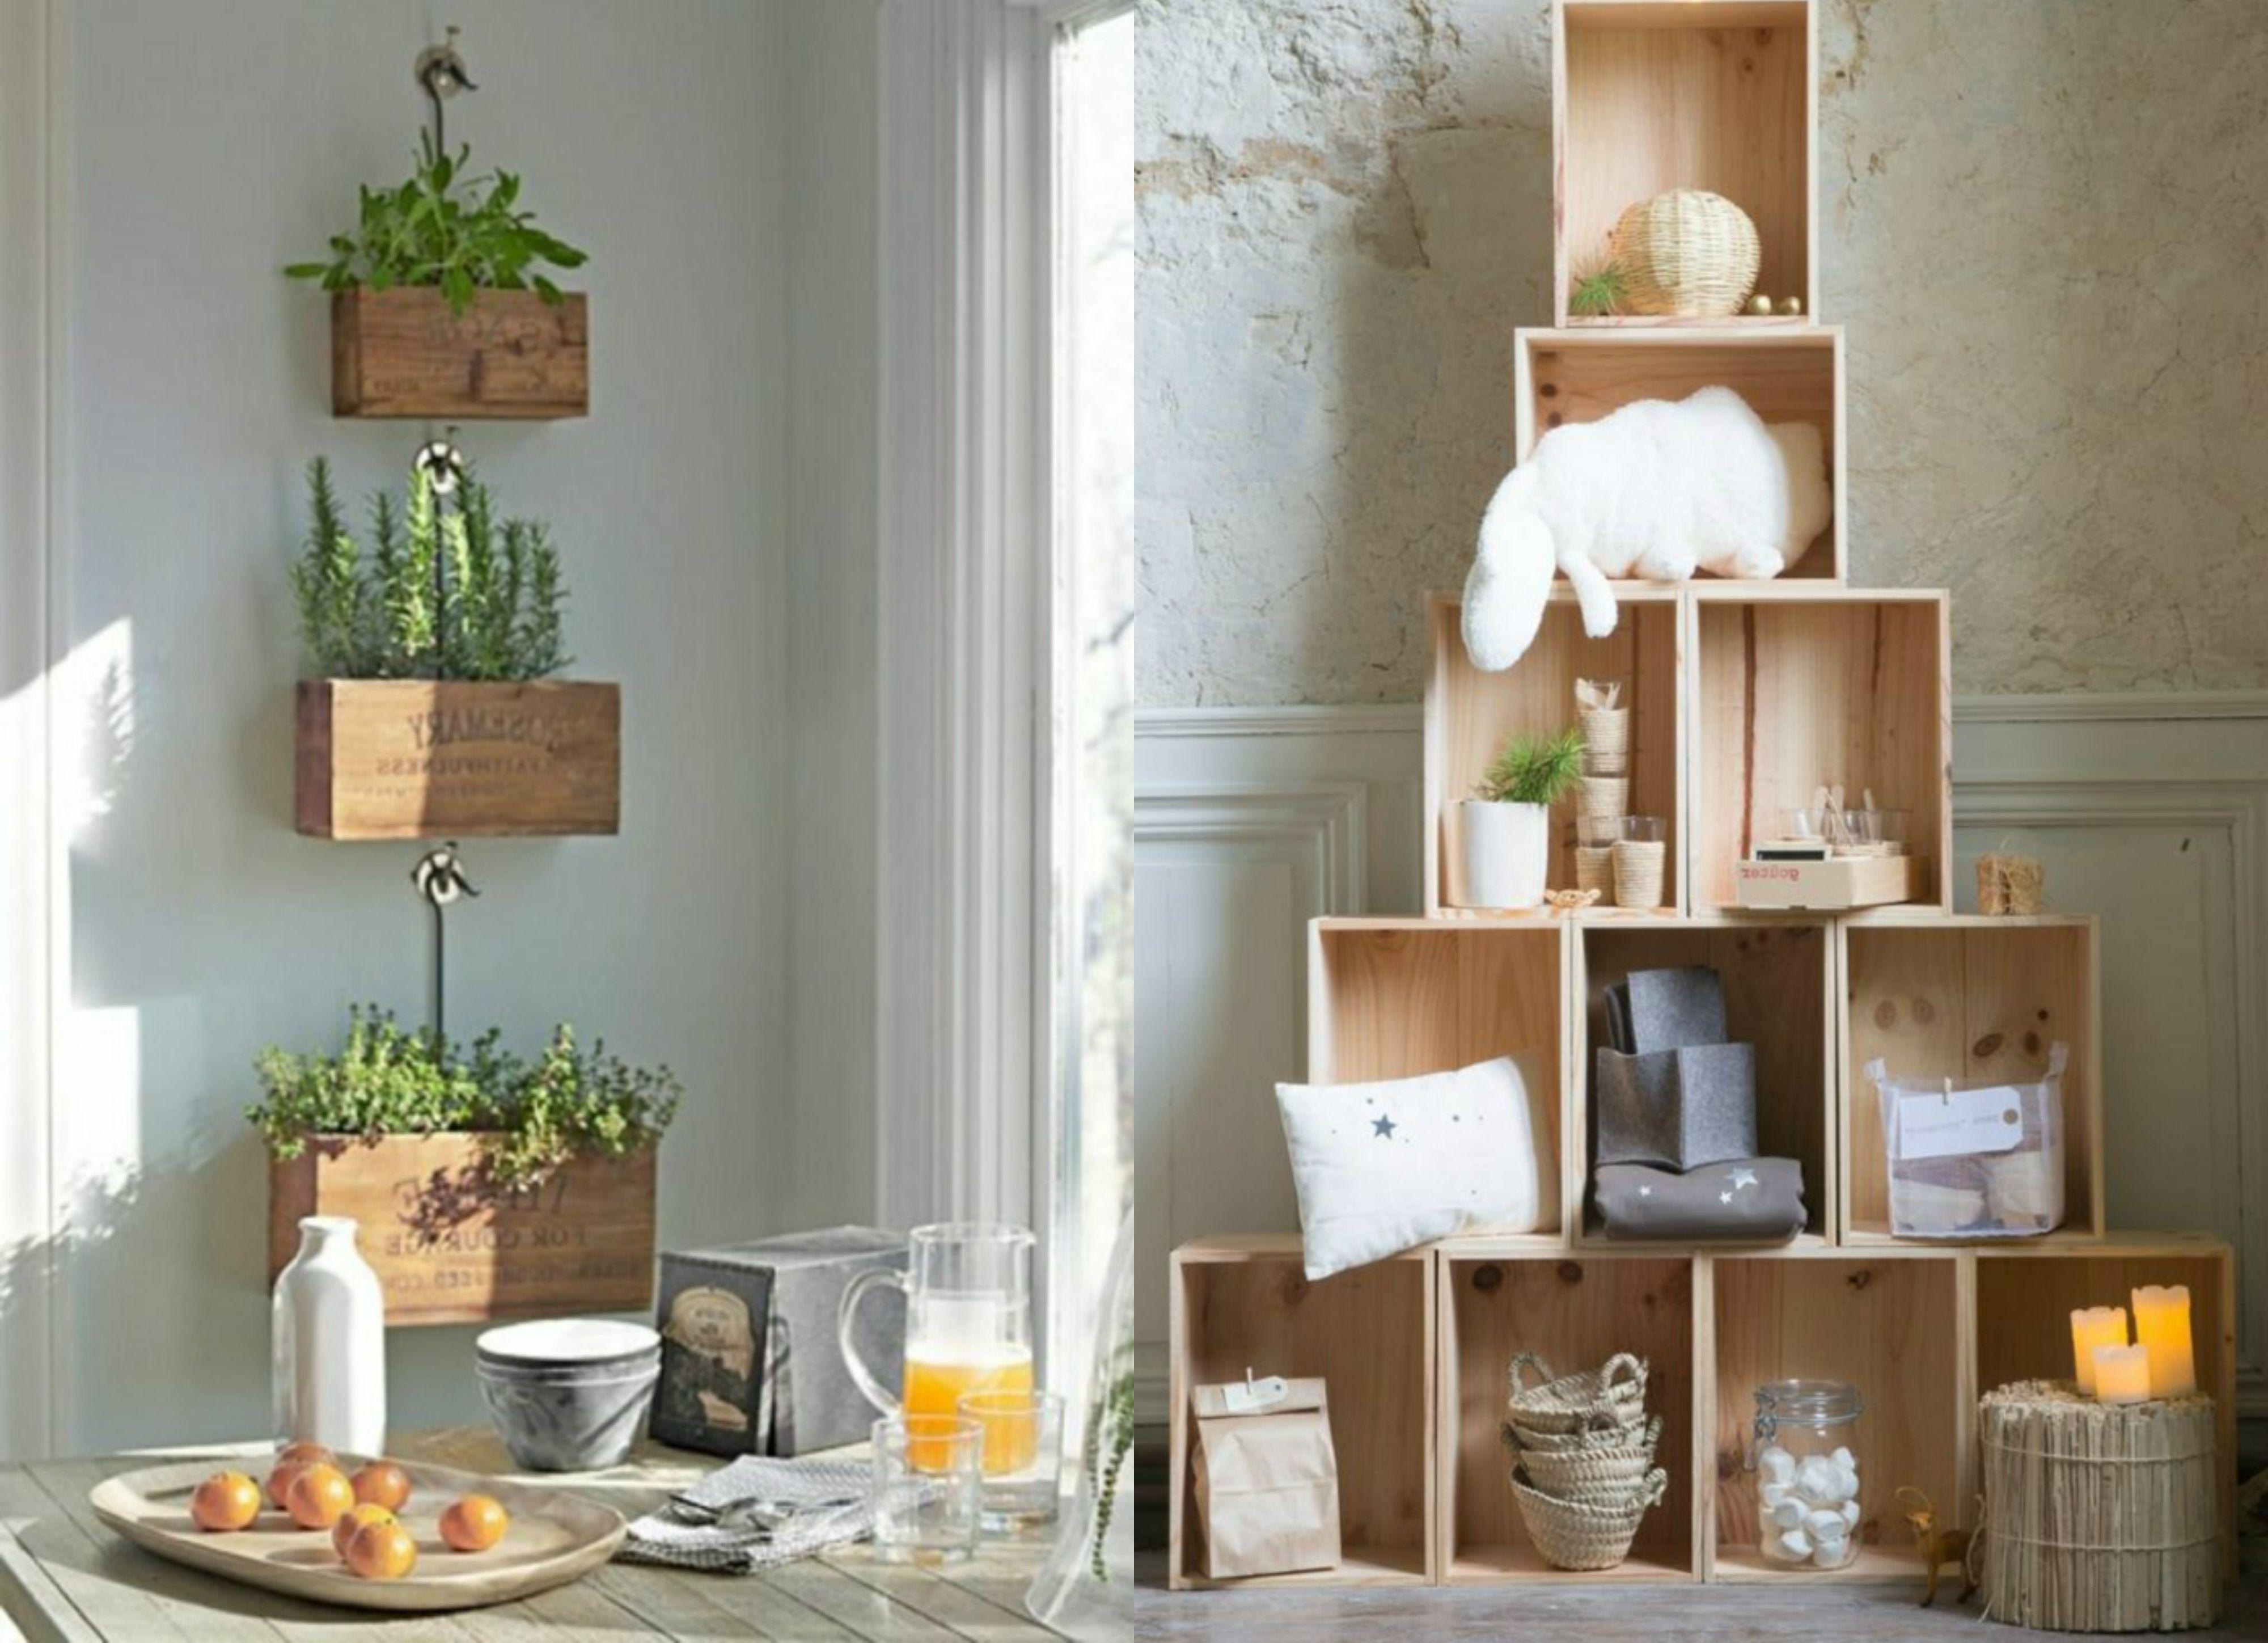 Muebles Con Cajas De Fruta Diy Crate Bookshelf Tutorial With  # Muebles De Jabas De Madera